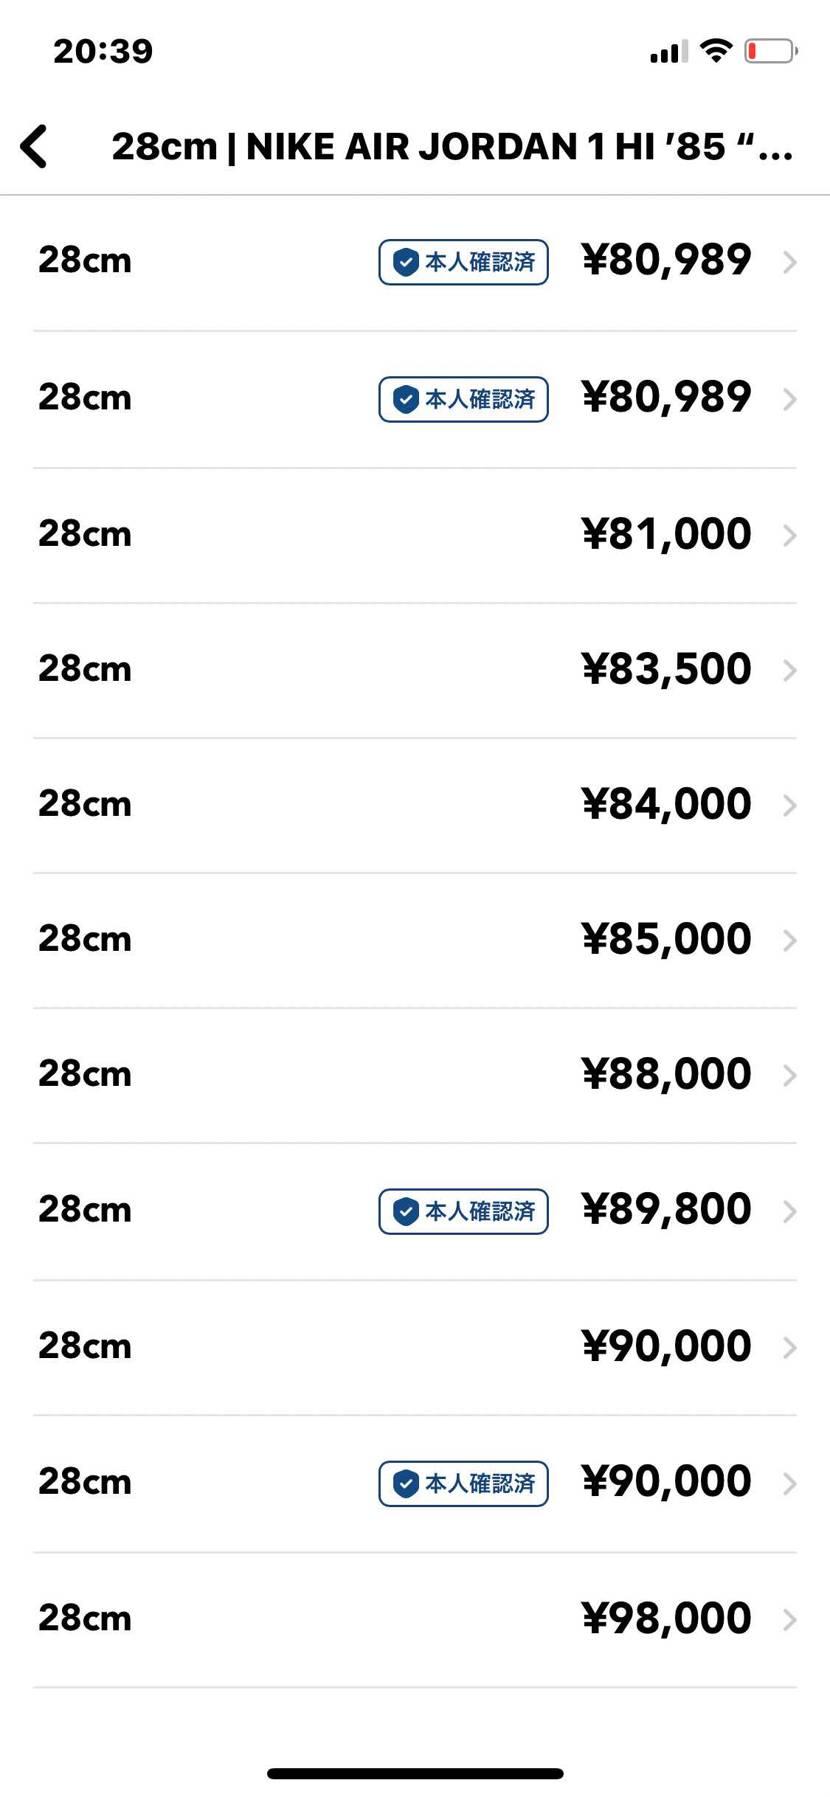 バーシティレッド28センチ75000円ぐらいまで値下げしてくださったら即購入した